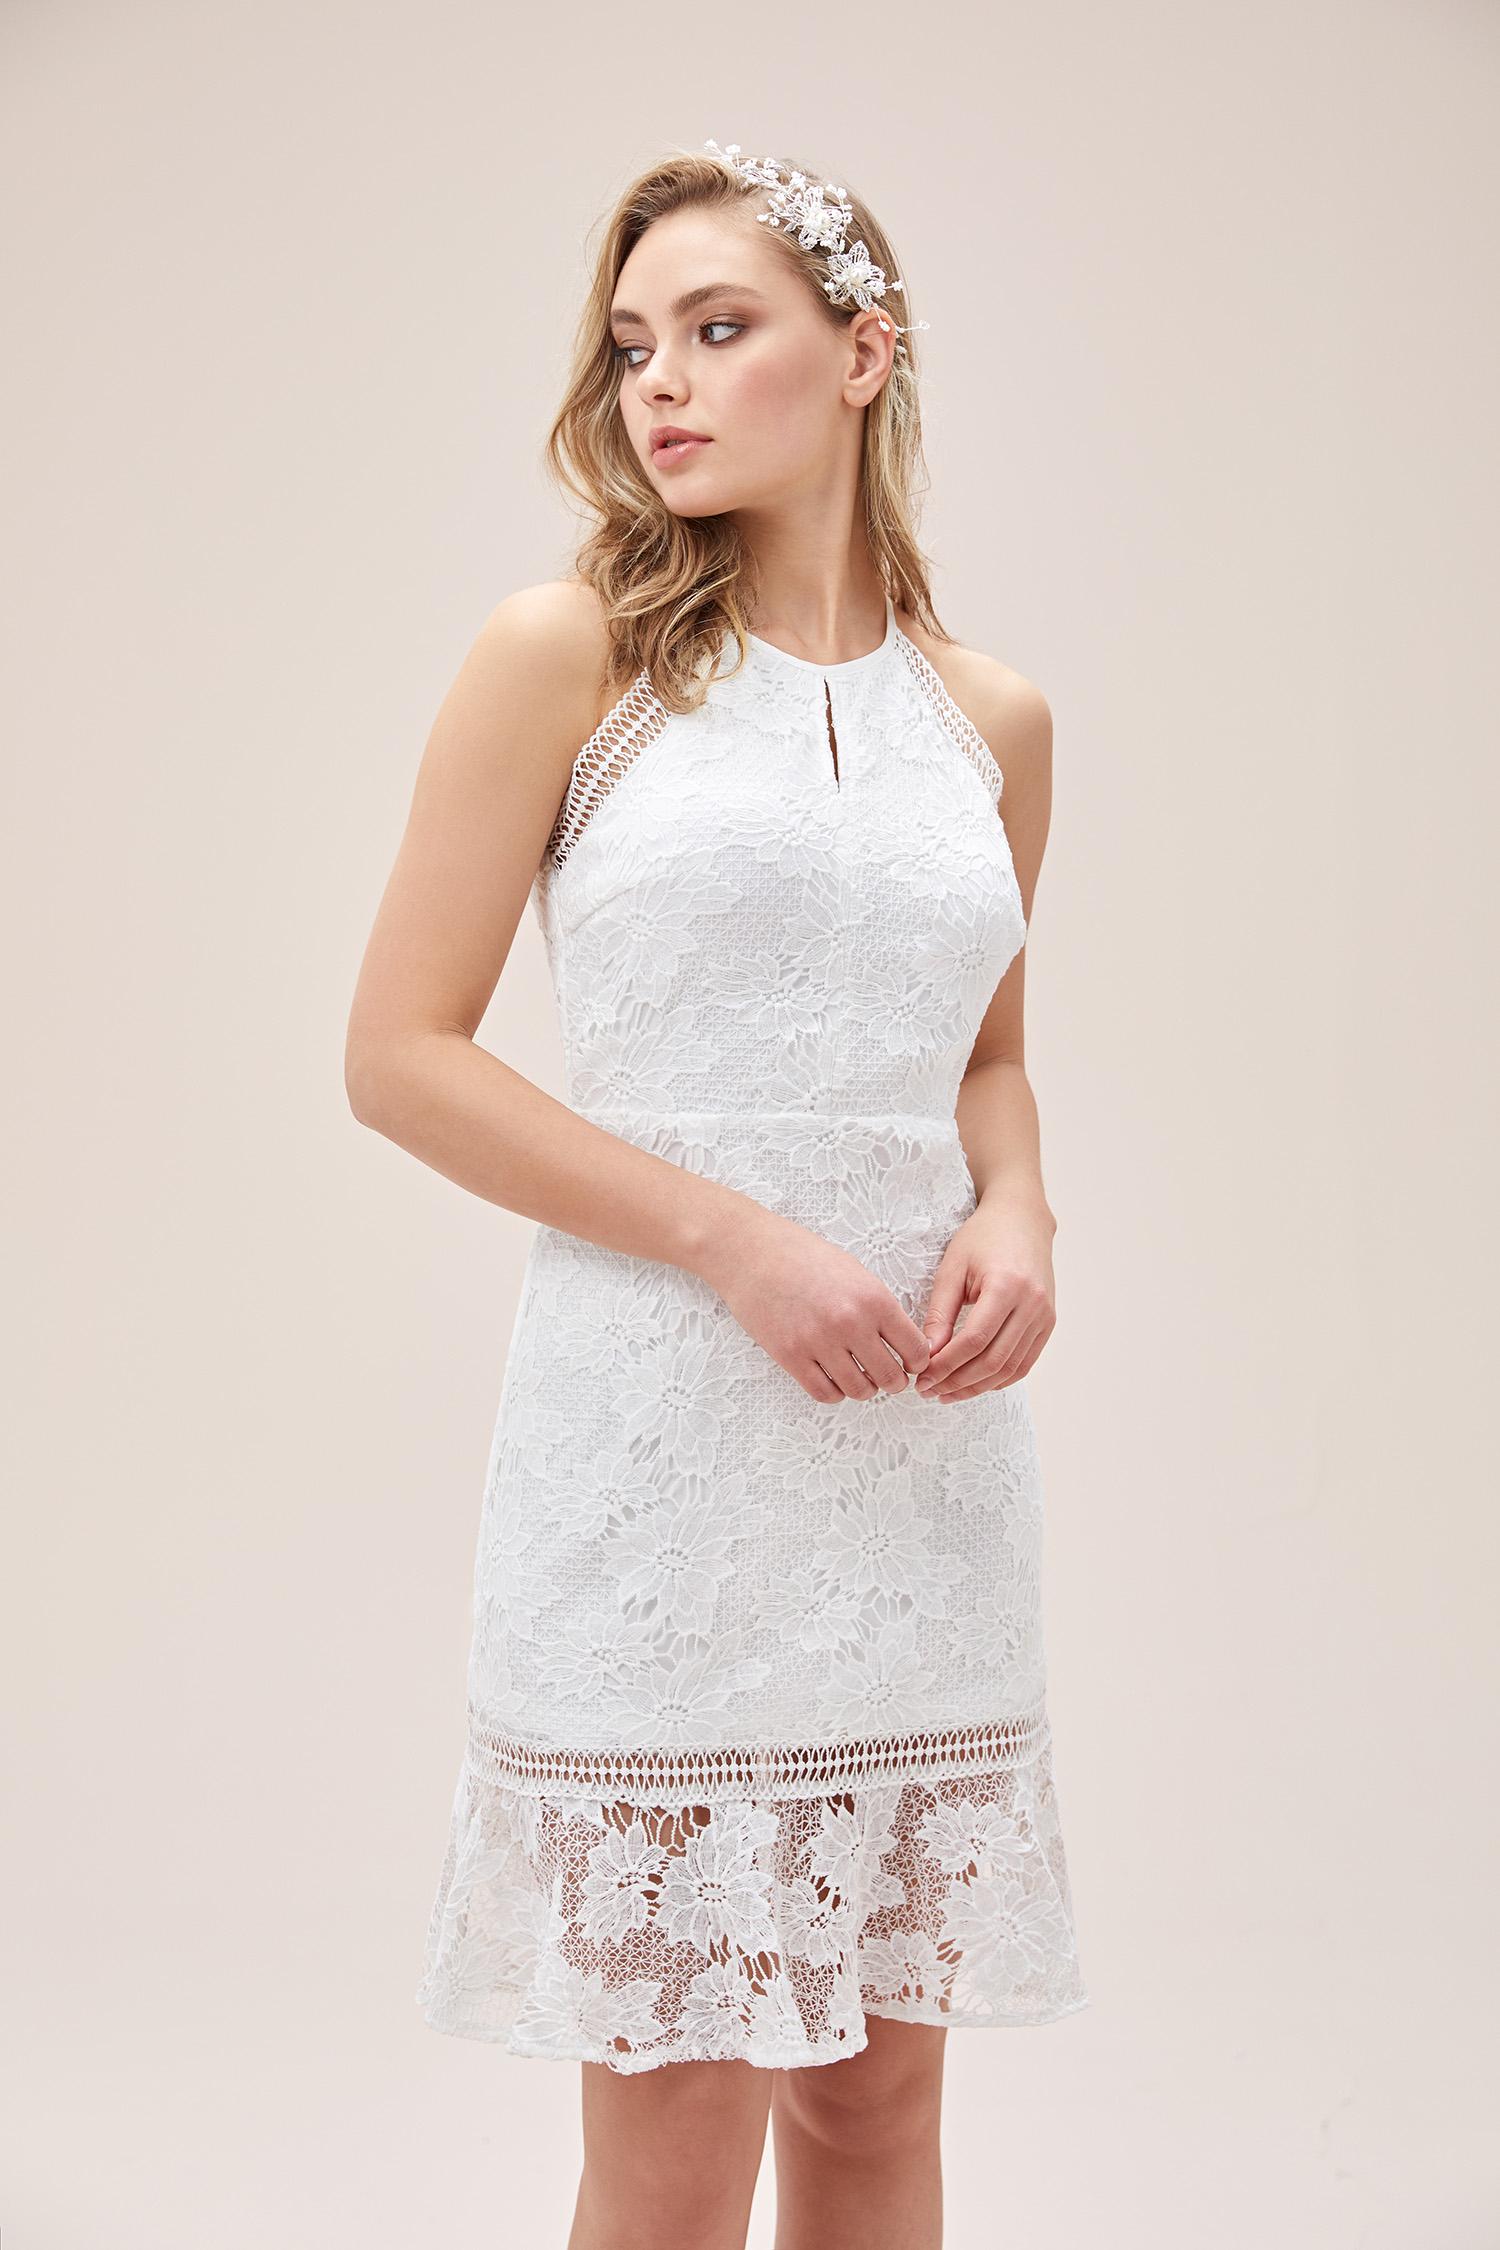 Beyaz Dantel Çiçek İşlemeli Halter Yaka Kısa Nikah Elbisesi - Thumbnail